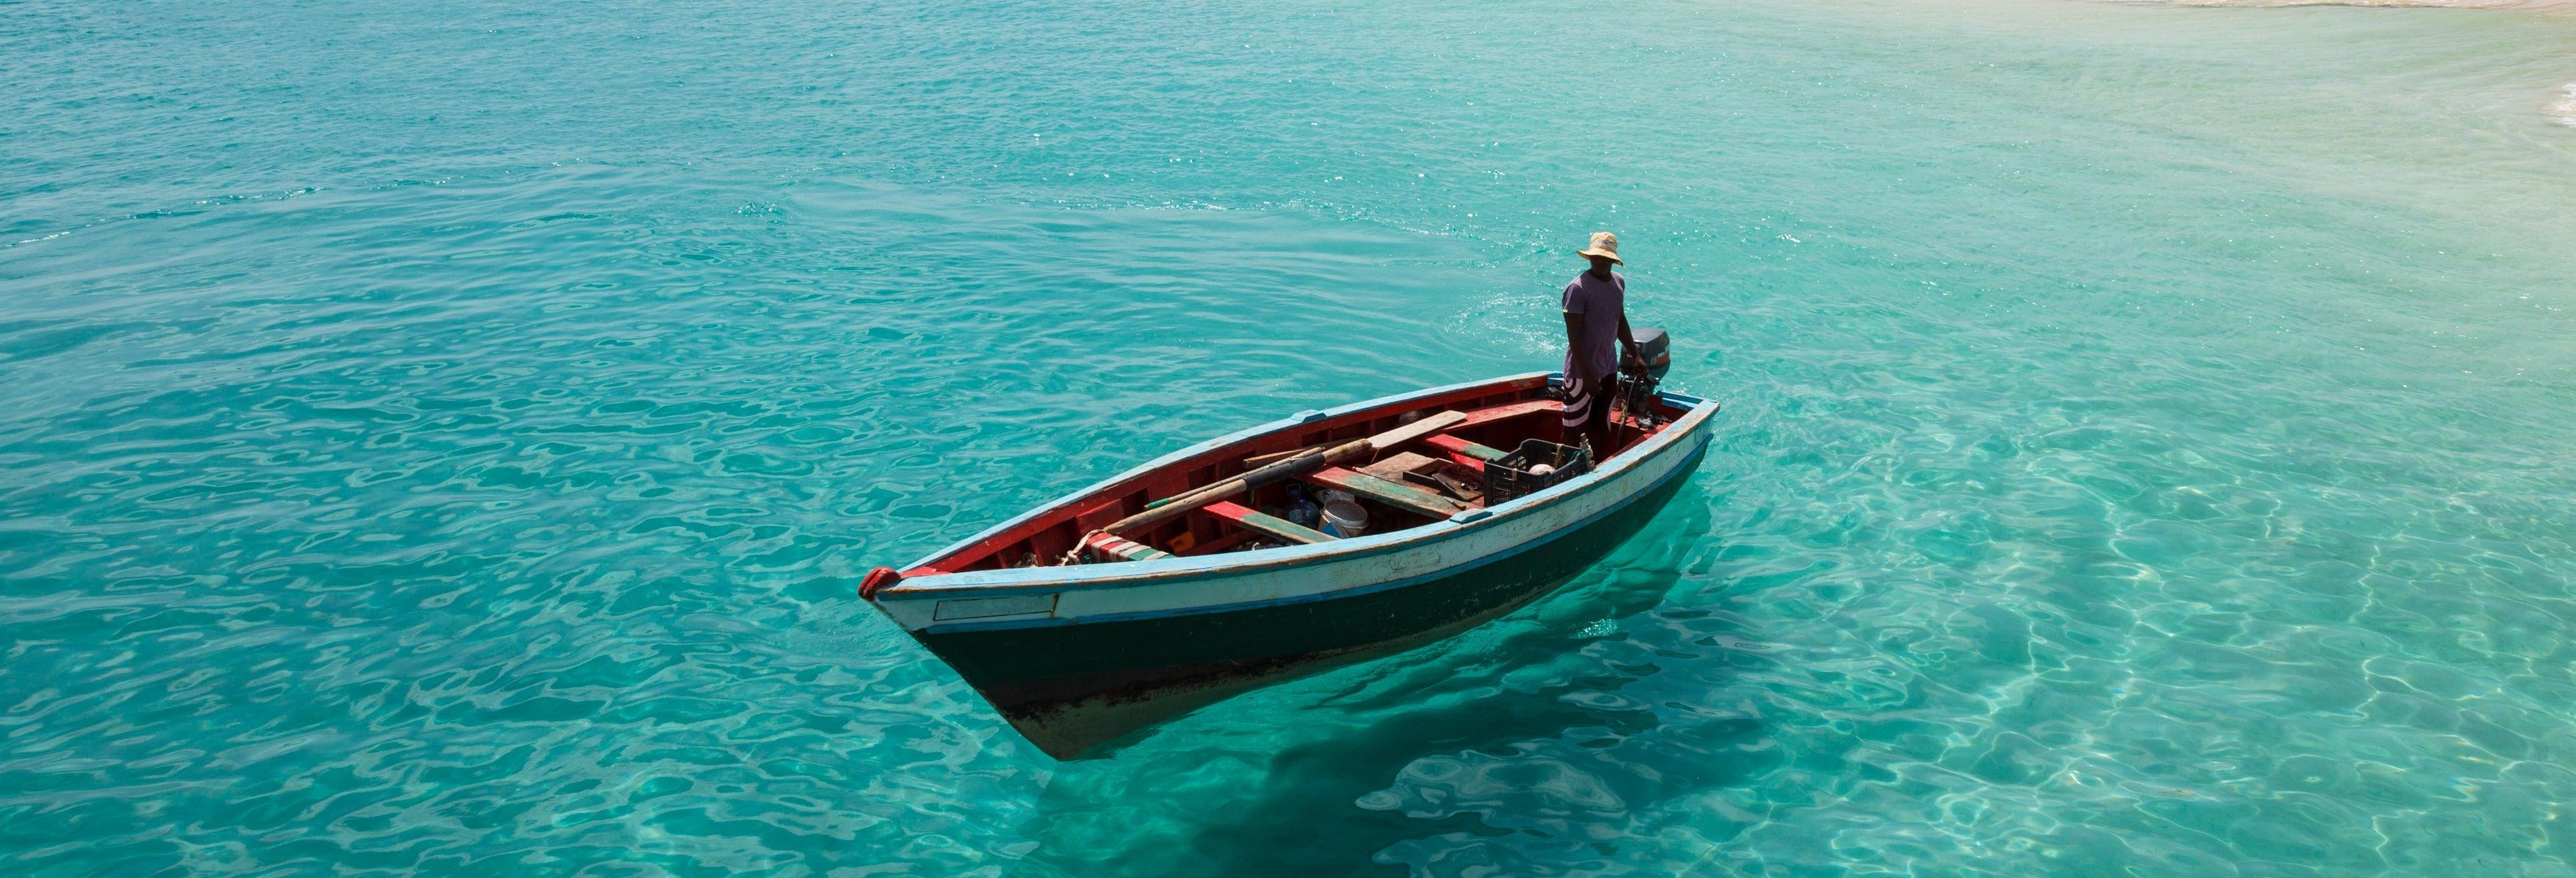 Excursion à Ribeira da Barca et Aguas Belas